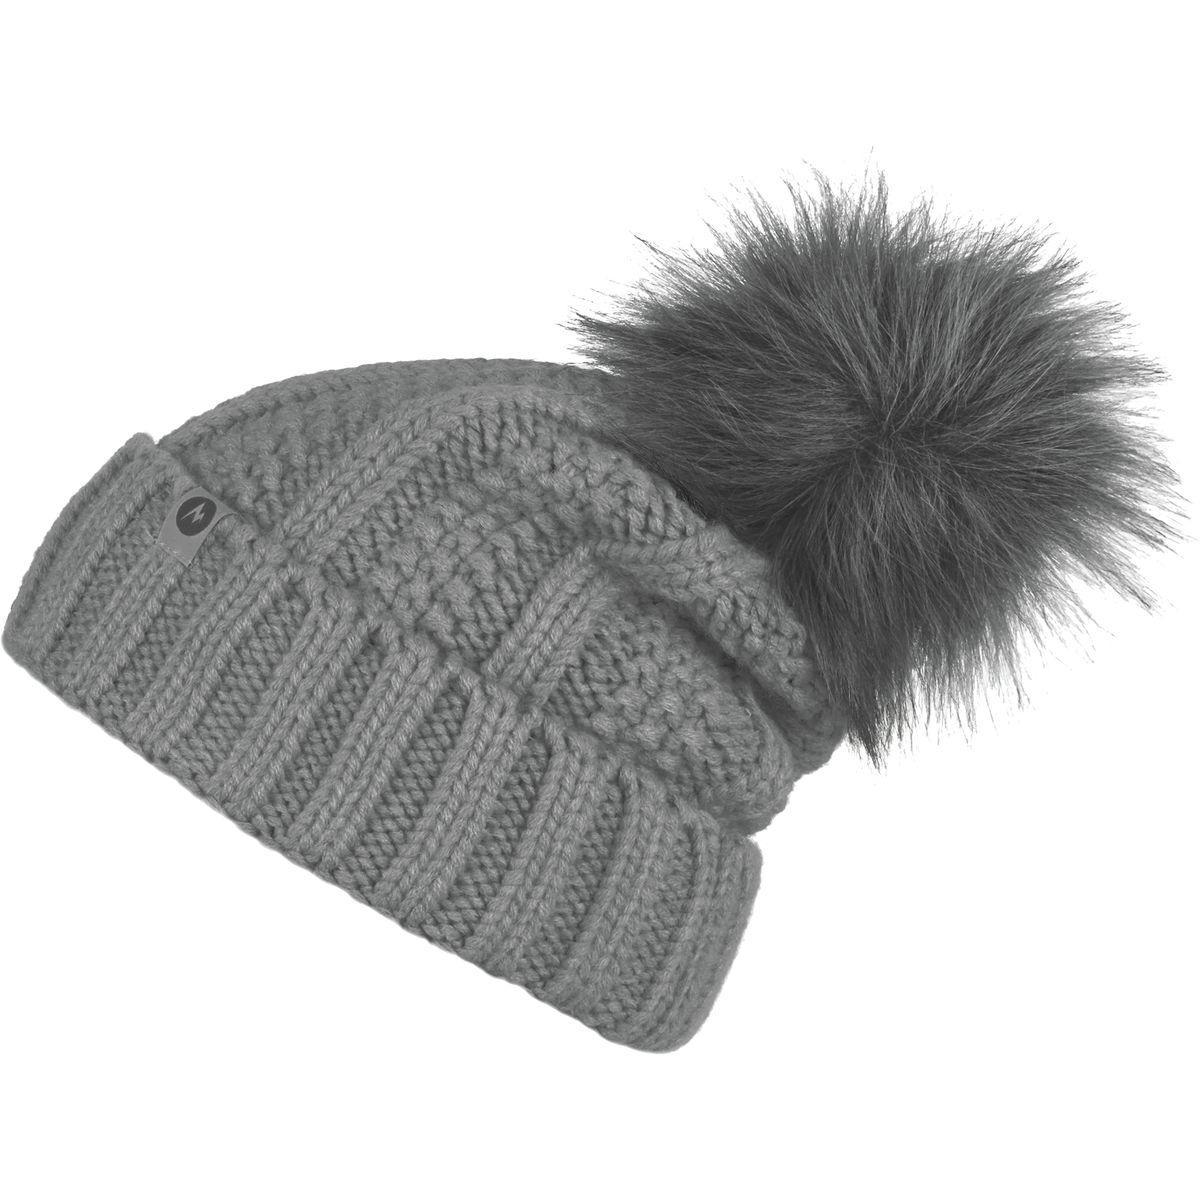 00c6885bdc9 Lyst marmot bronx pom beanie in gray jpg 1200x1200 Marmot beanie gray